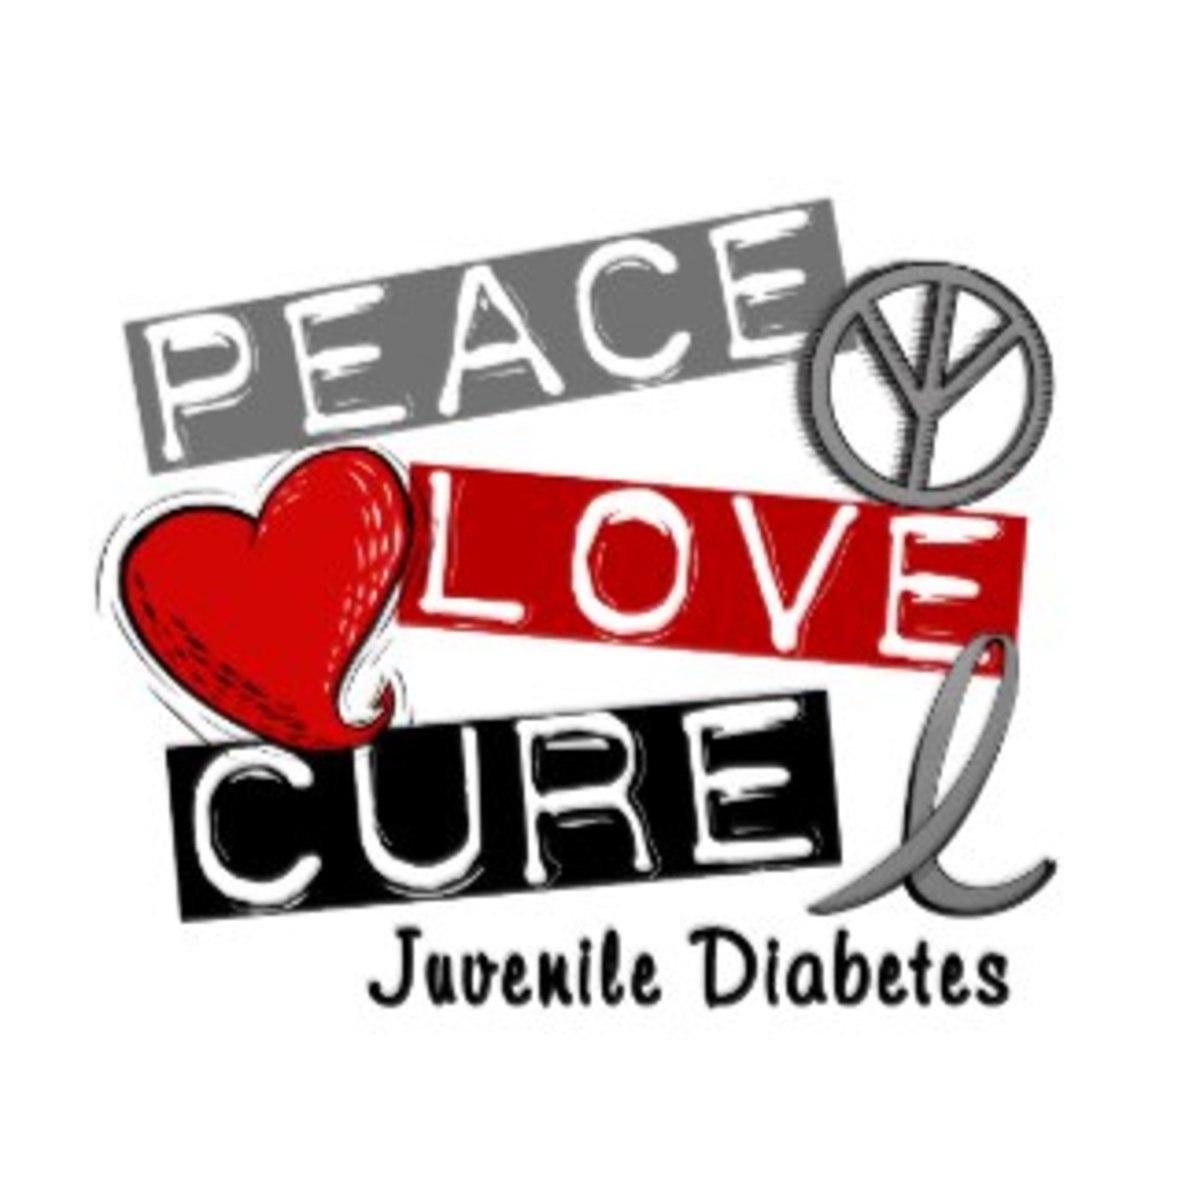 jdrf-juvenile_diabetes